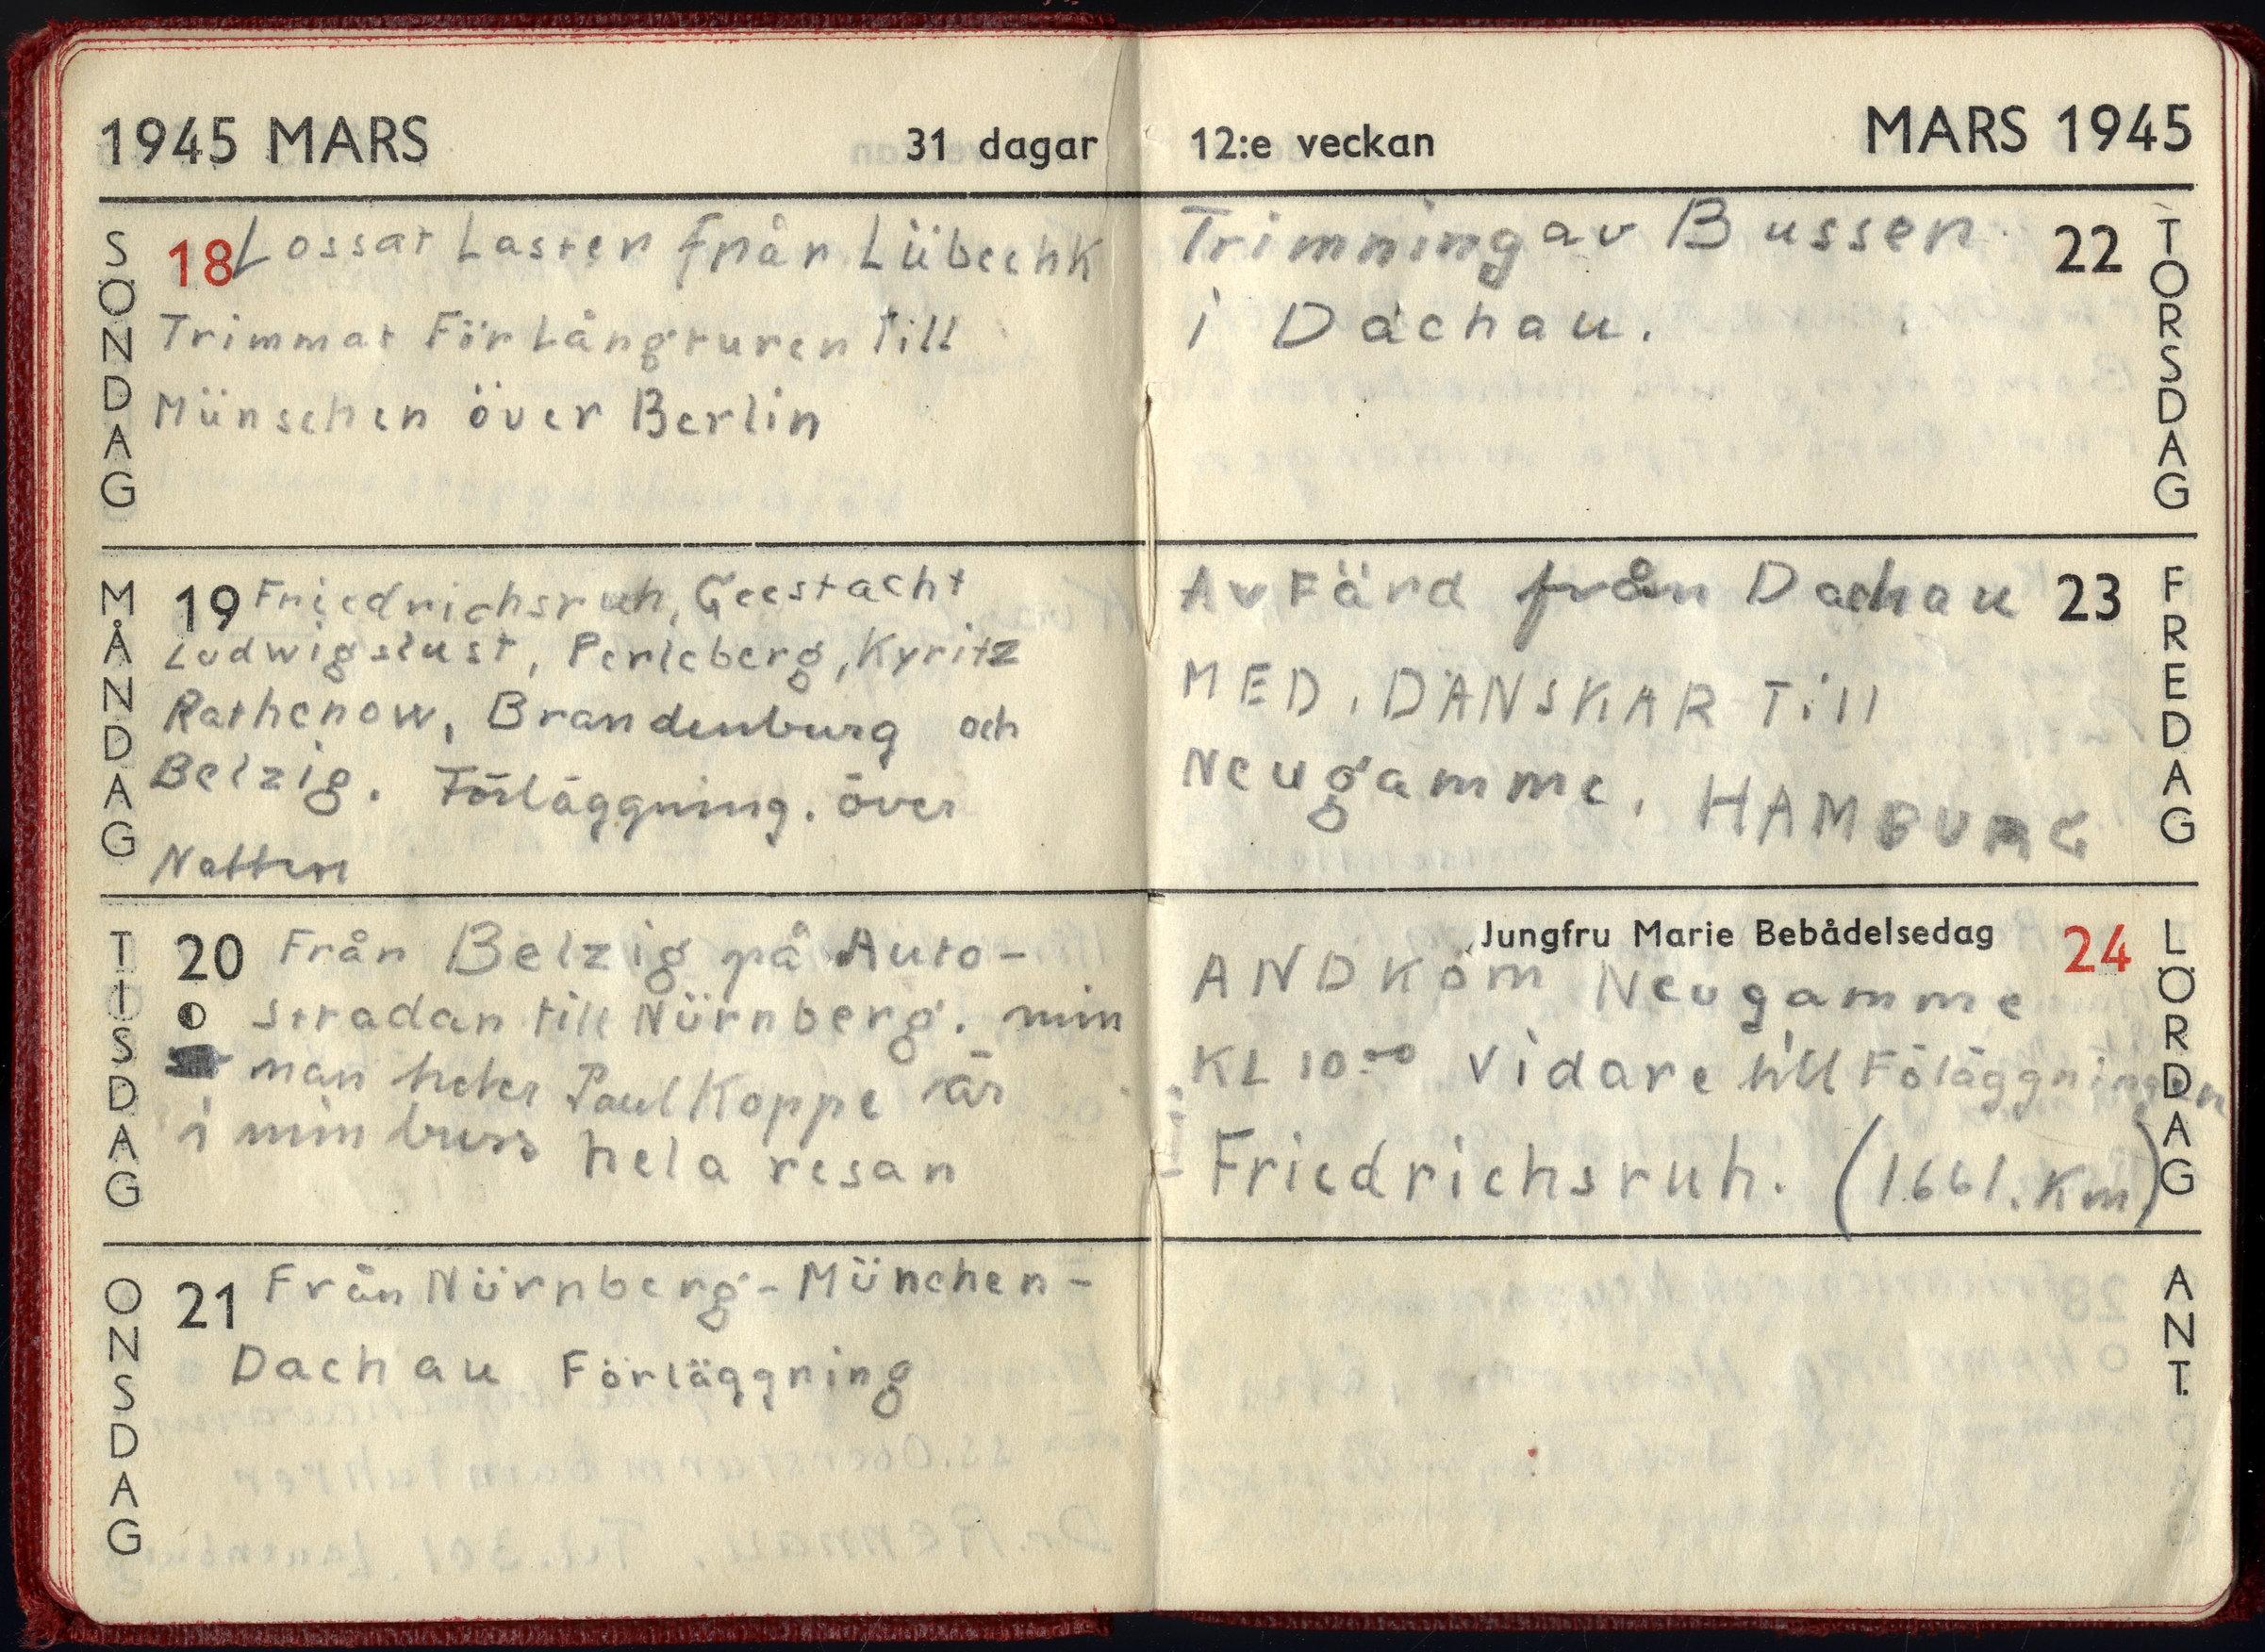 Uppslag ur almanackan tillhörande Bertil Fröderberg, en av vita buss-chaufförerna, mars 1945